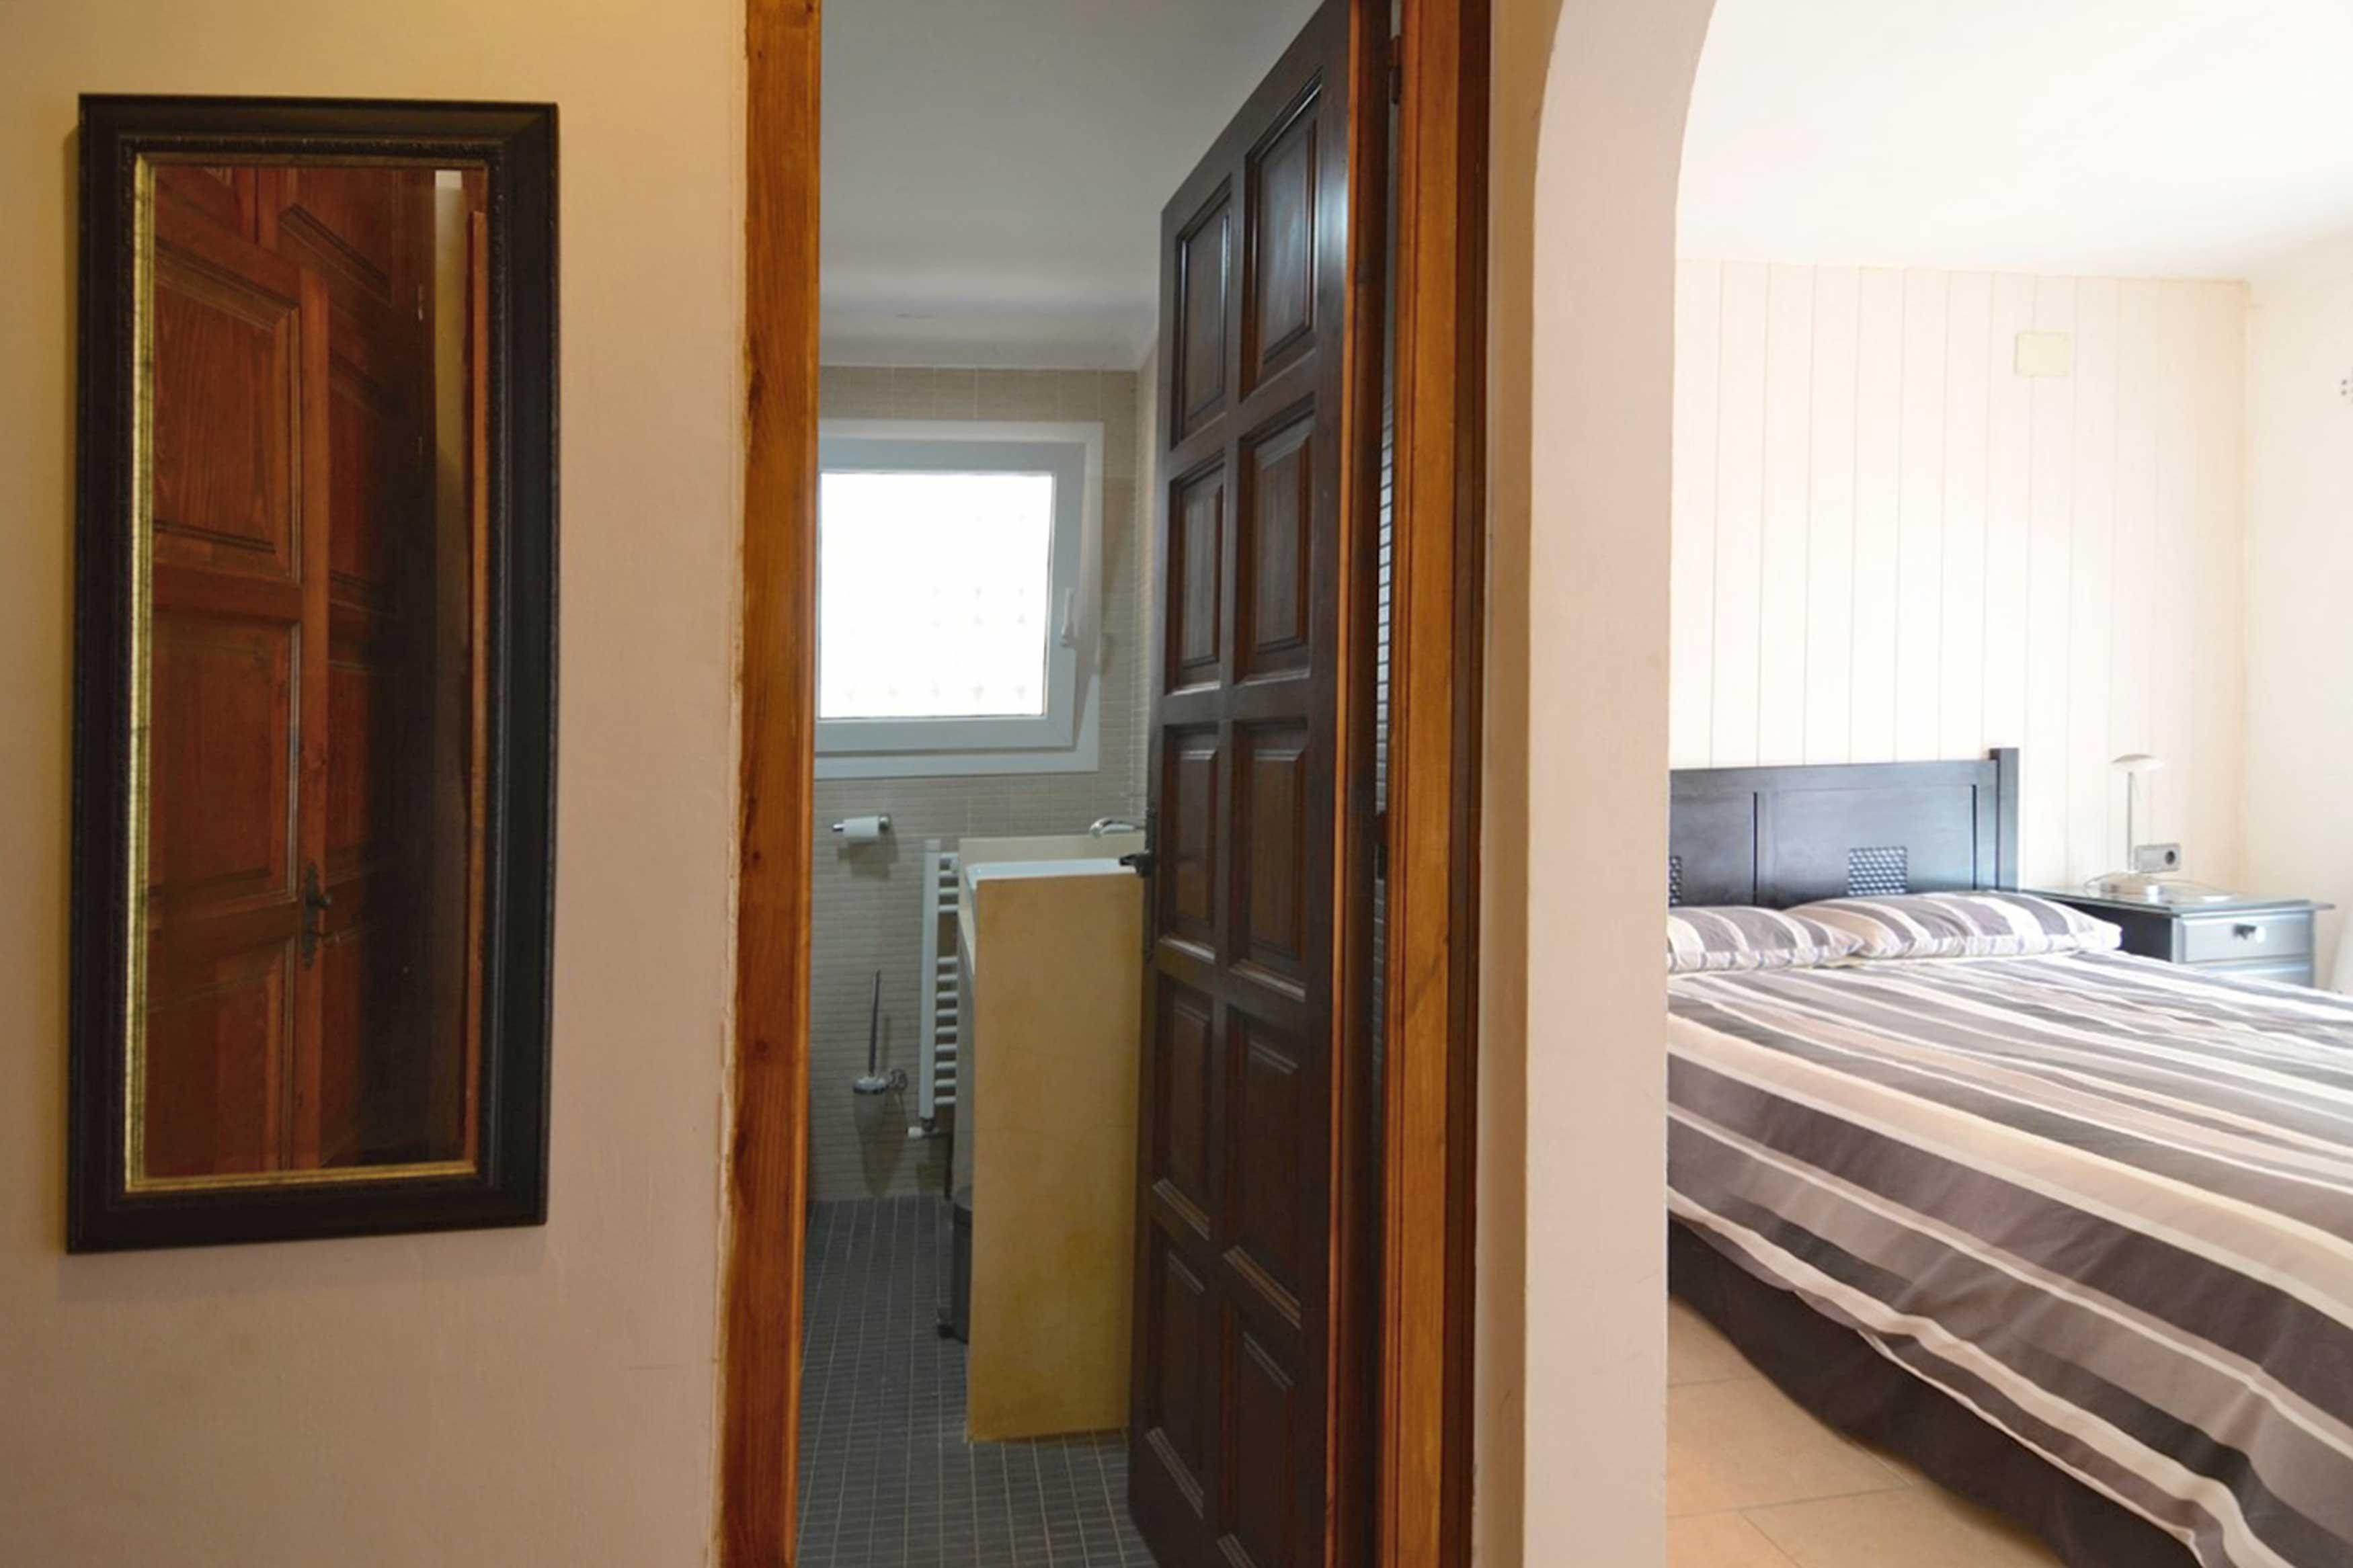 Slaapkamer met badkamer Villa Buckingham